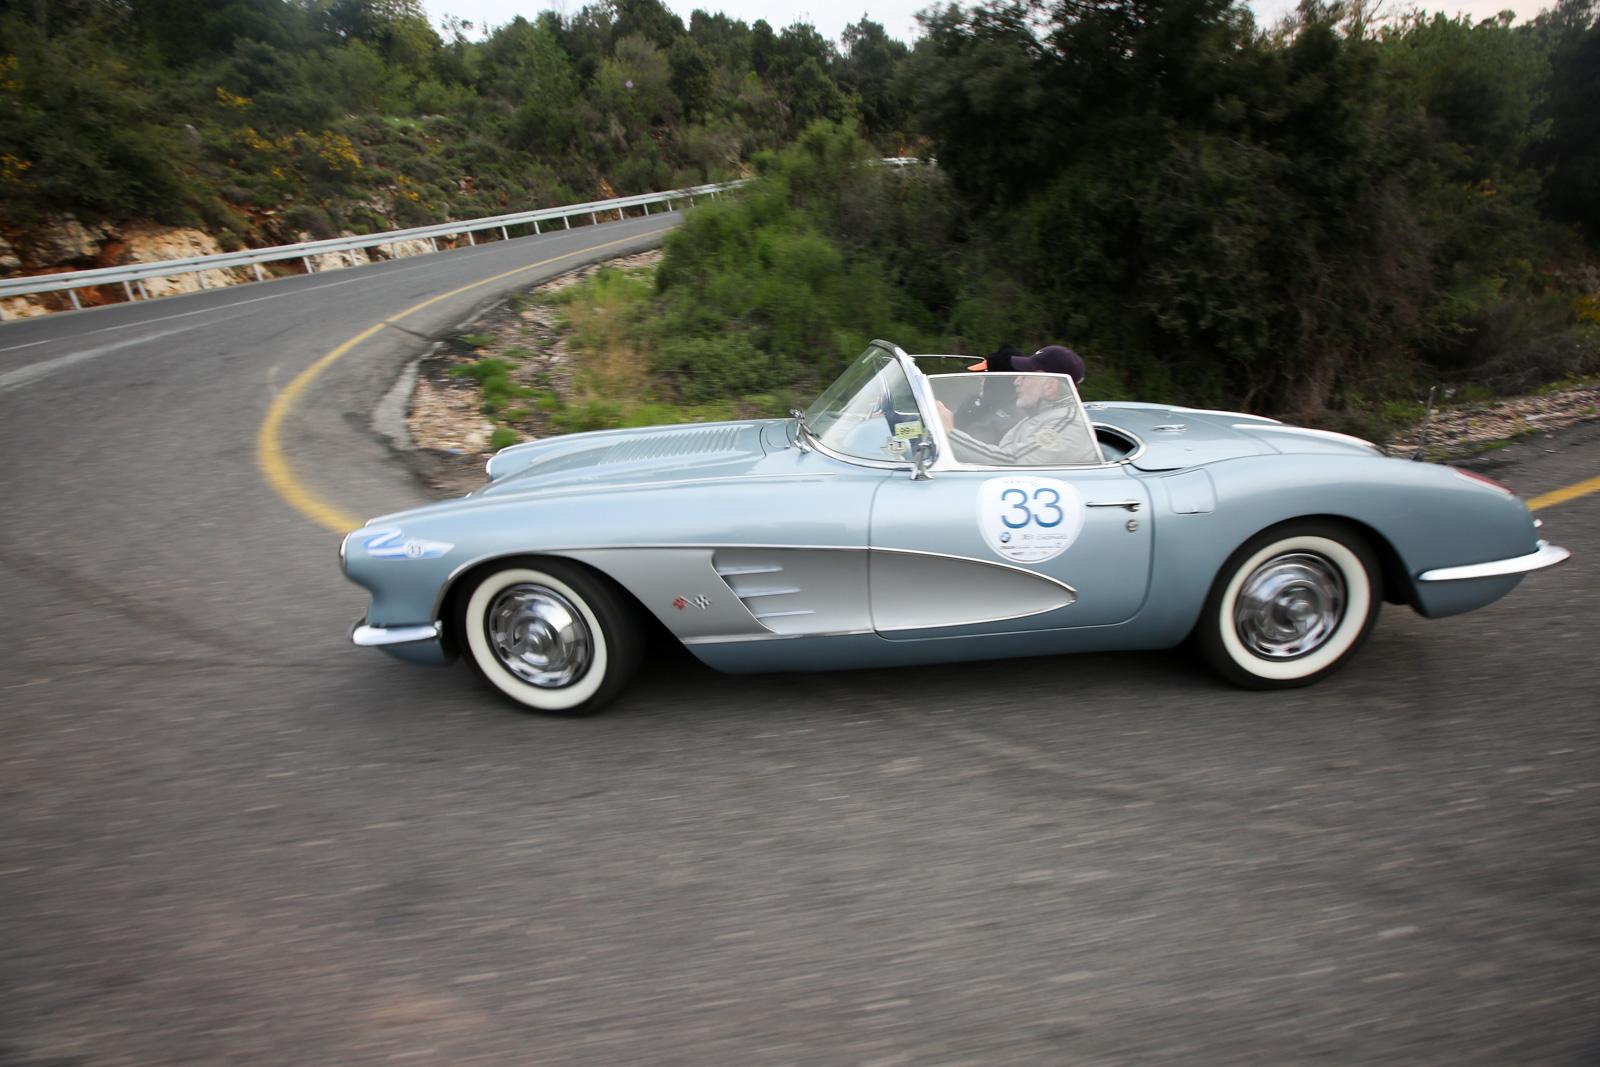 Chevrolet Corvette 1958, USA